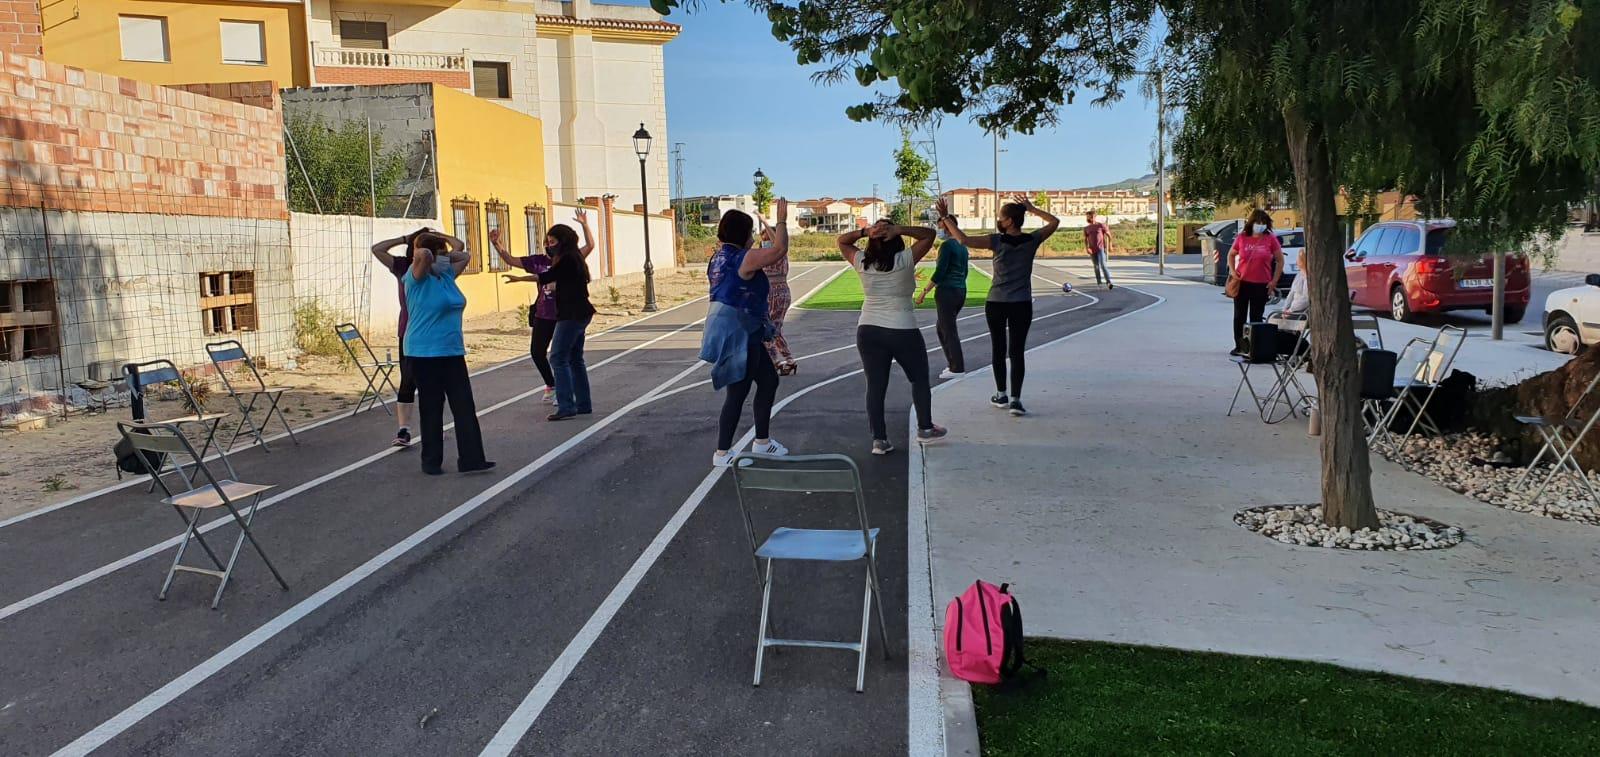 Las mujeres de Cúllar Vega reducen su estrés a través de un taller de baile al aire libre